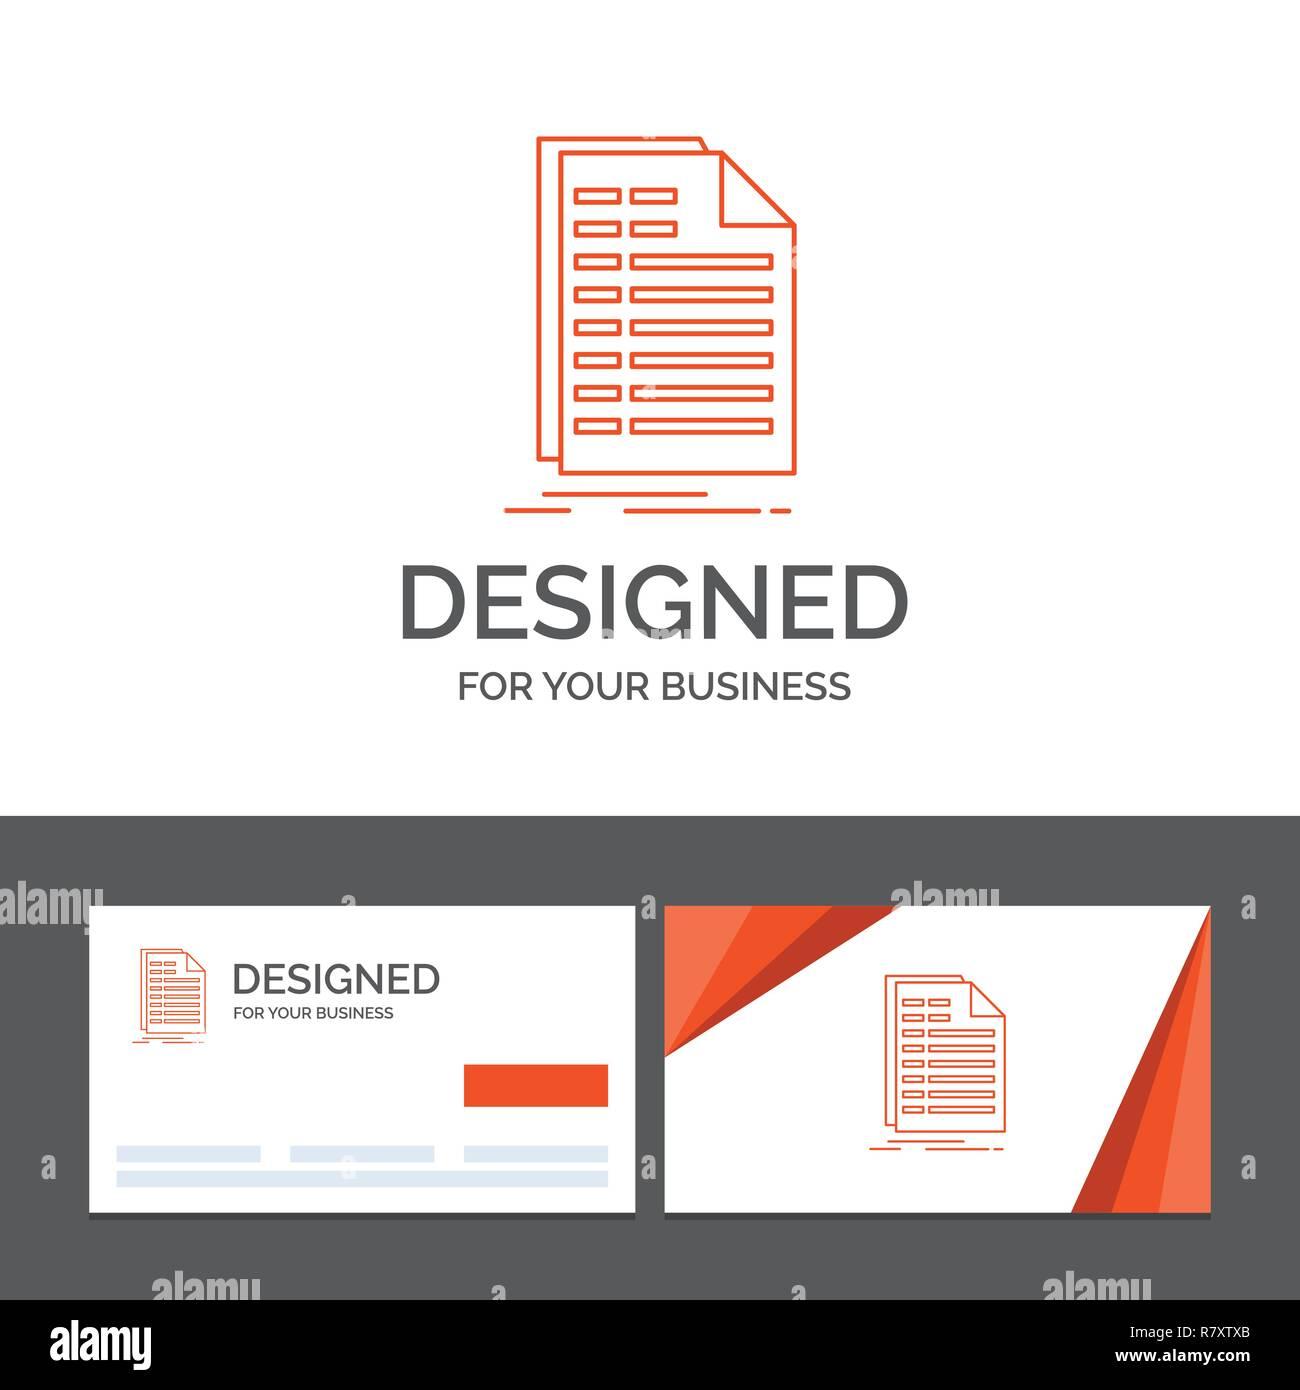 Logo Dentreprise Modele Pour Bill Excel Fichier Facture Declaration Cartes De Visite Orange Avec Marque Template